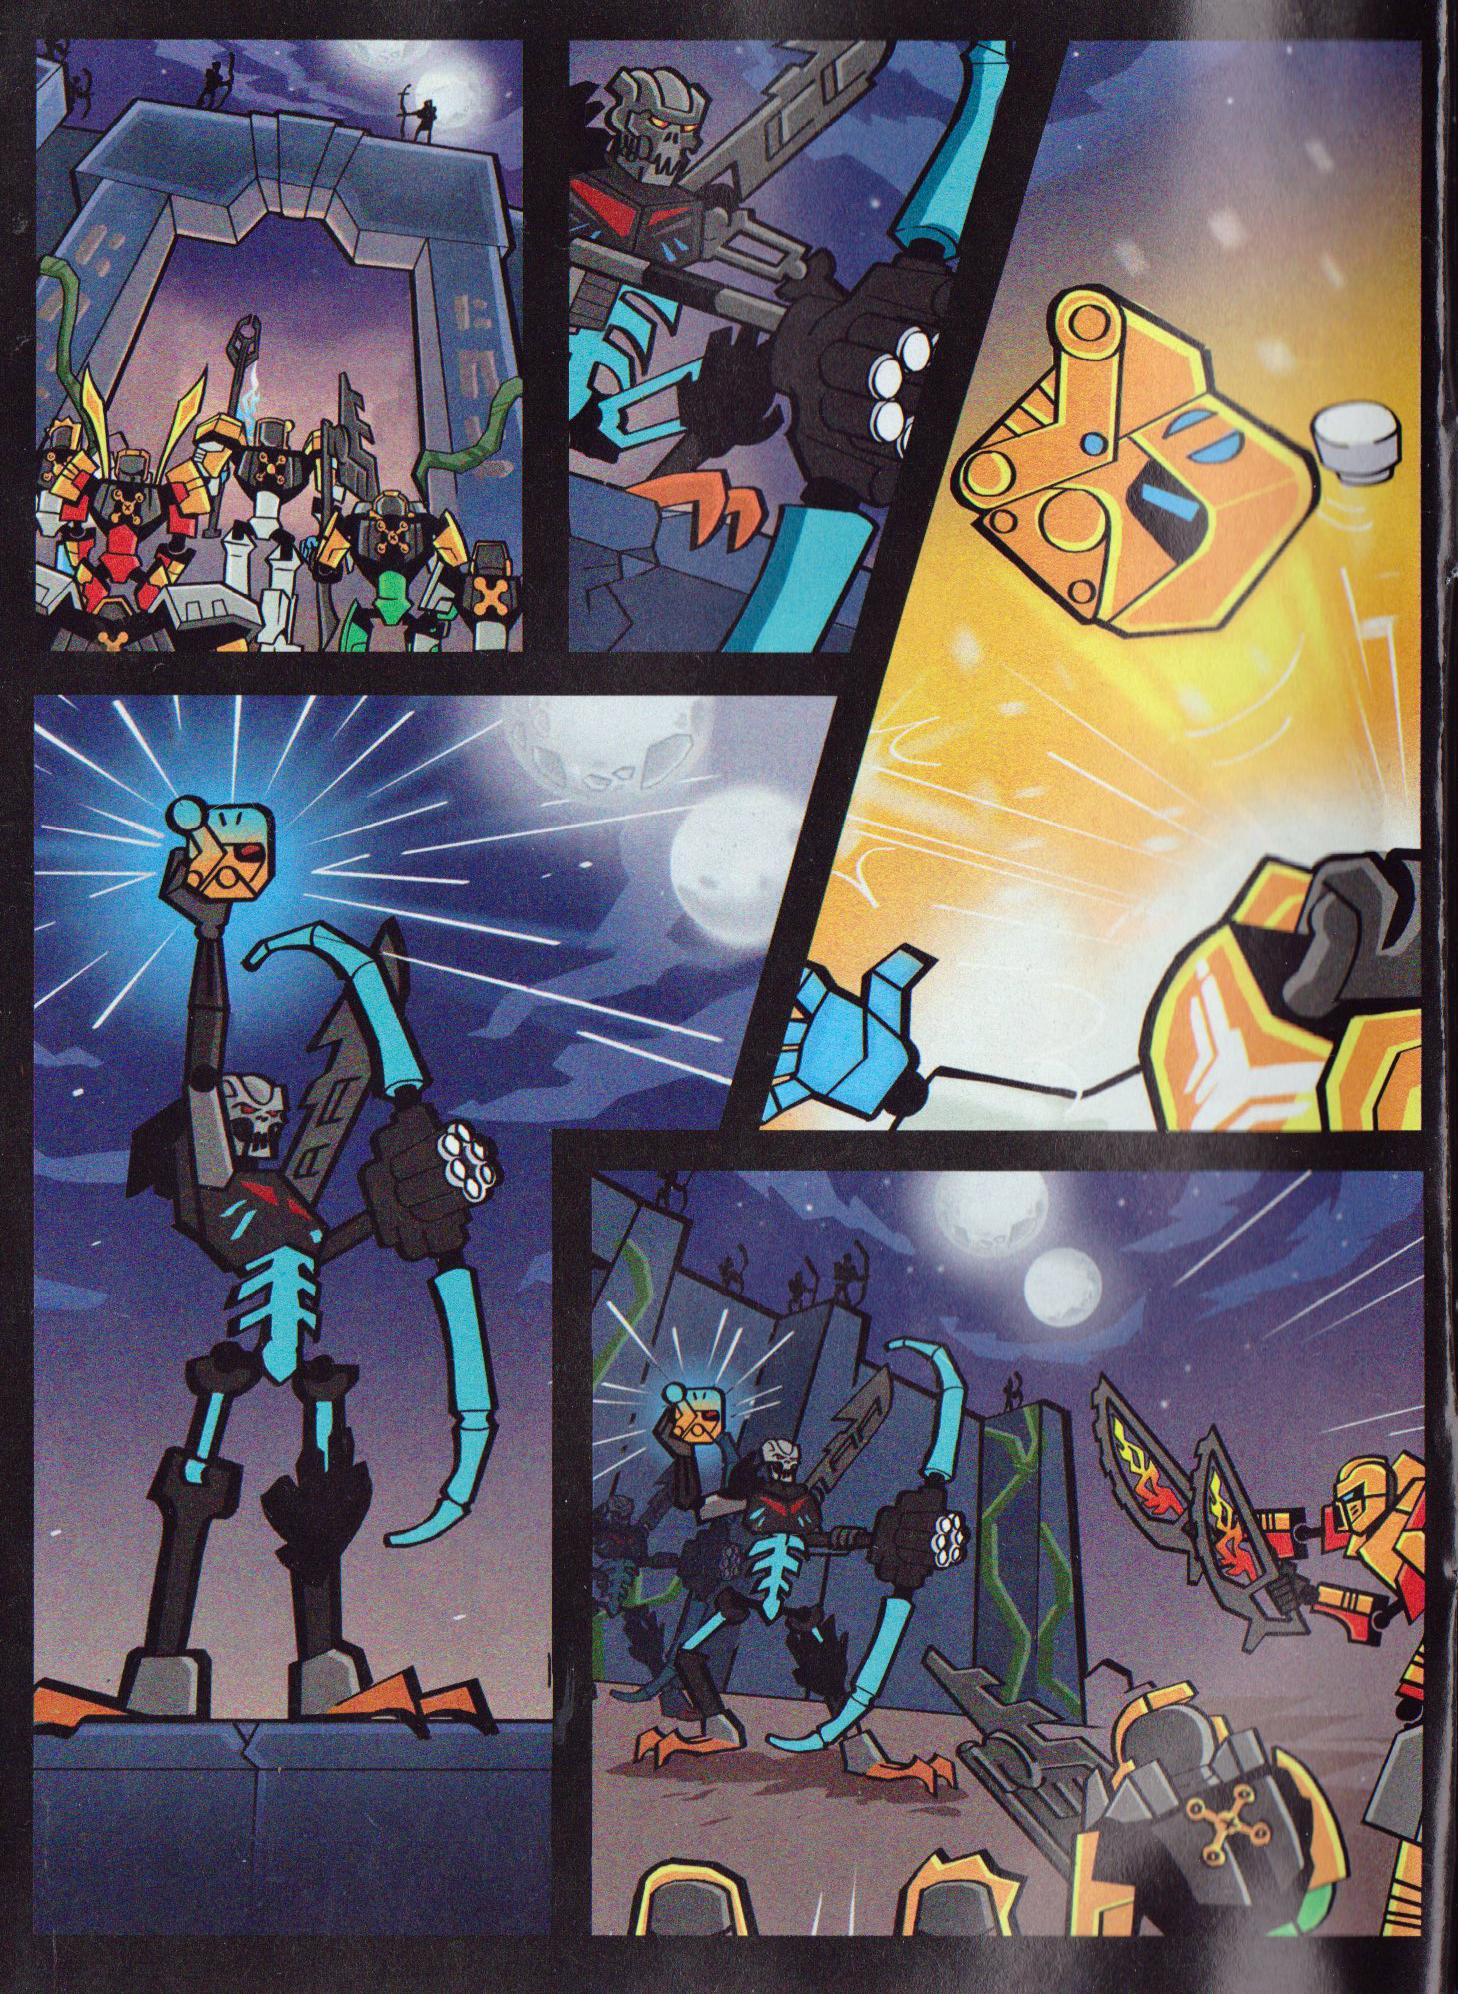 [Produits] Récapitulatif des ensembles de l'été - Page 3 Bionicle_70791_comic